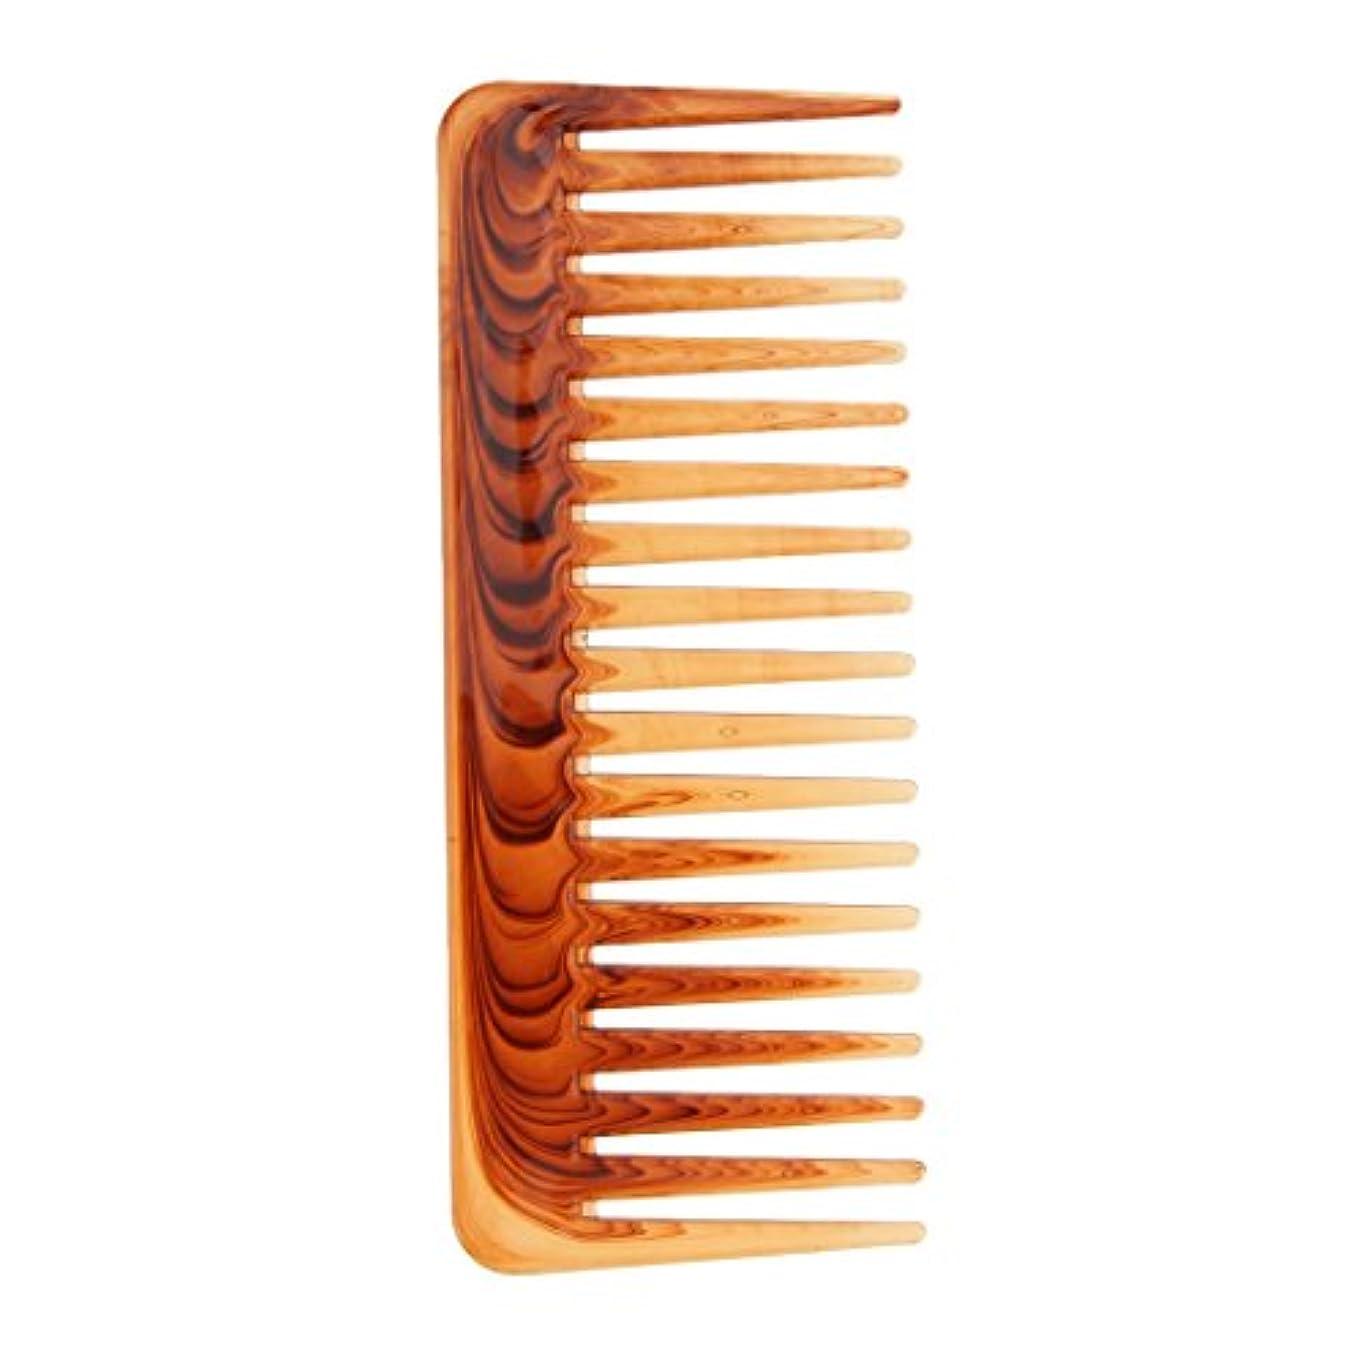 農夫魅力的アソシエイトToygogo 髪の毛のもつれを解くヘアコンディショニング熊手櫛広い歯ヘアブラシツール